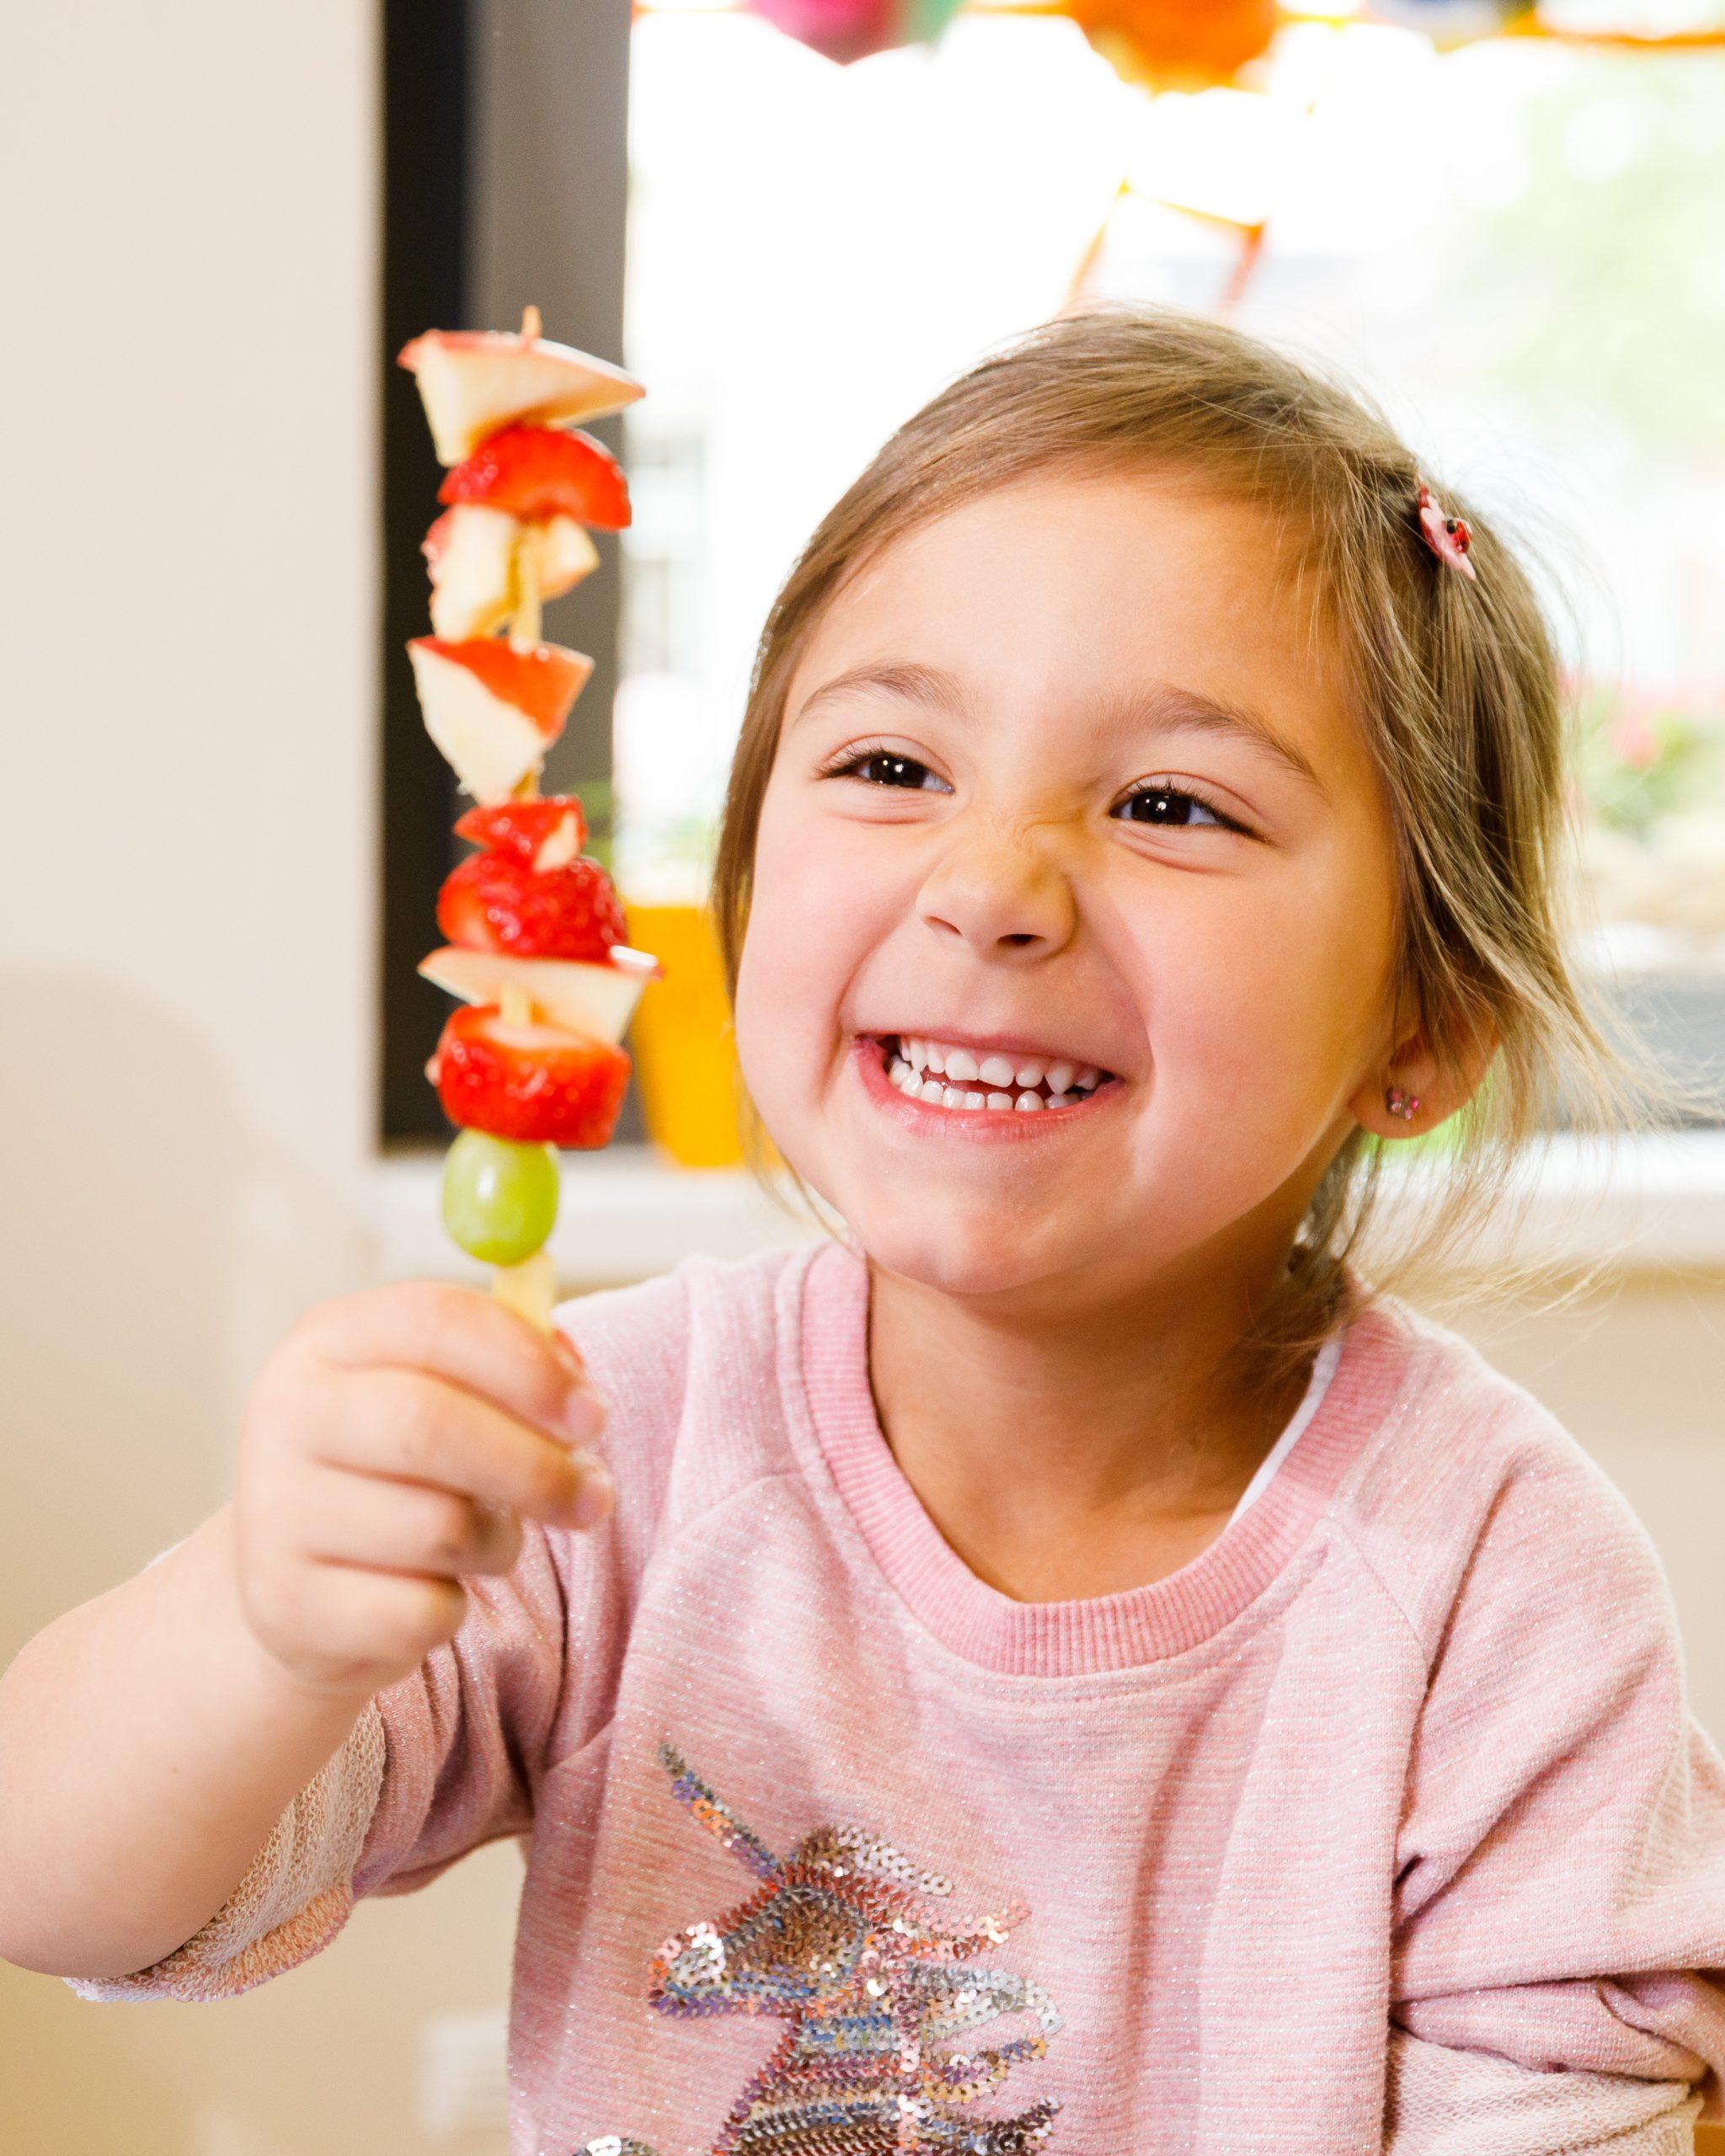 Ein Mädchen hat einen Spieß mit Obststückchen in der Hand.